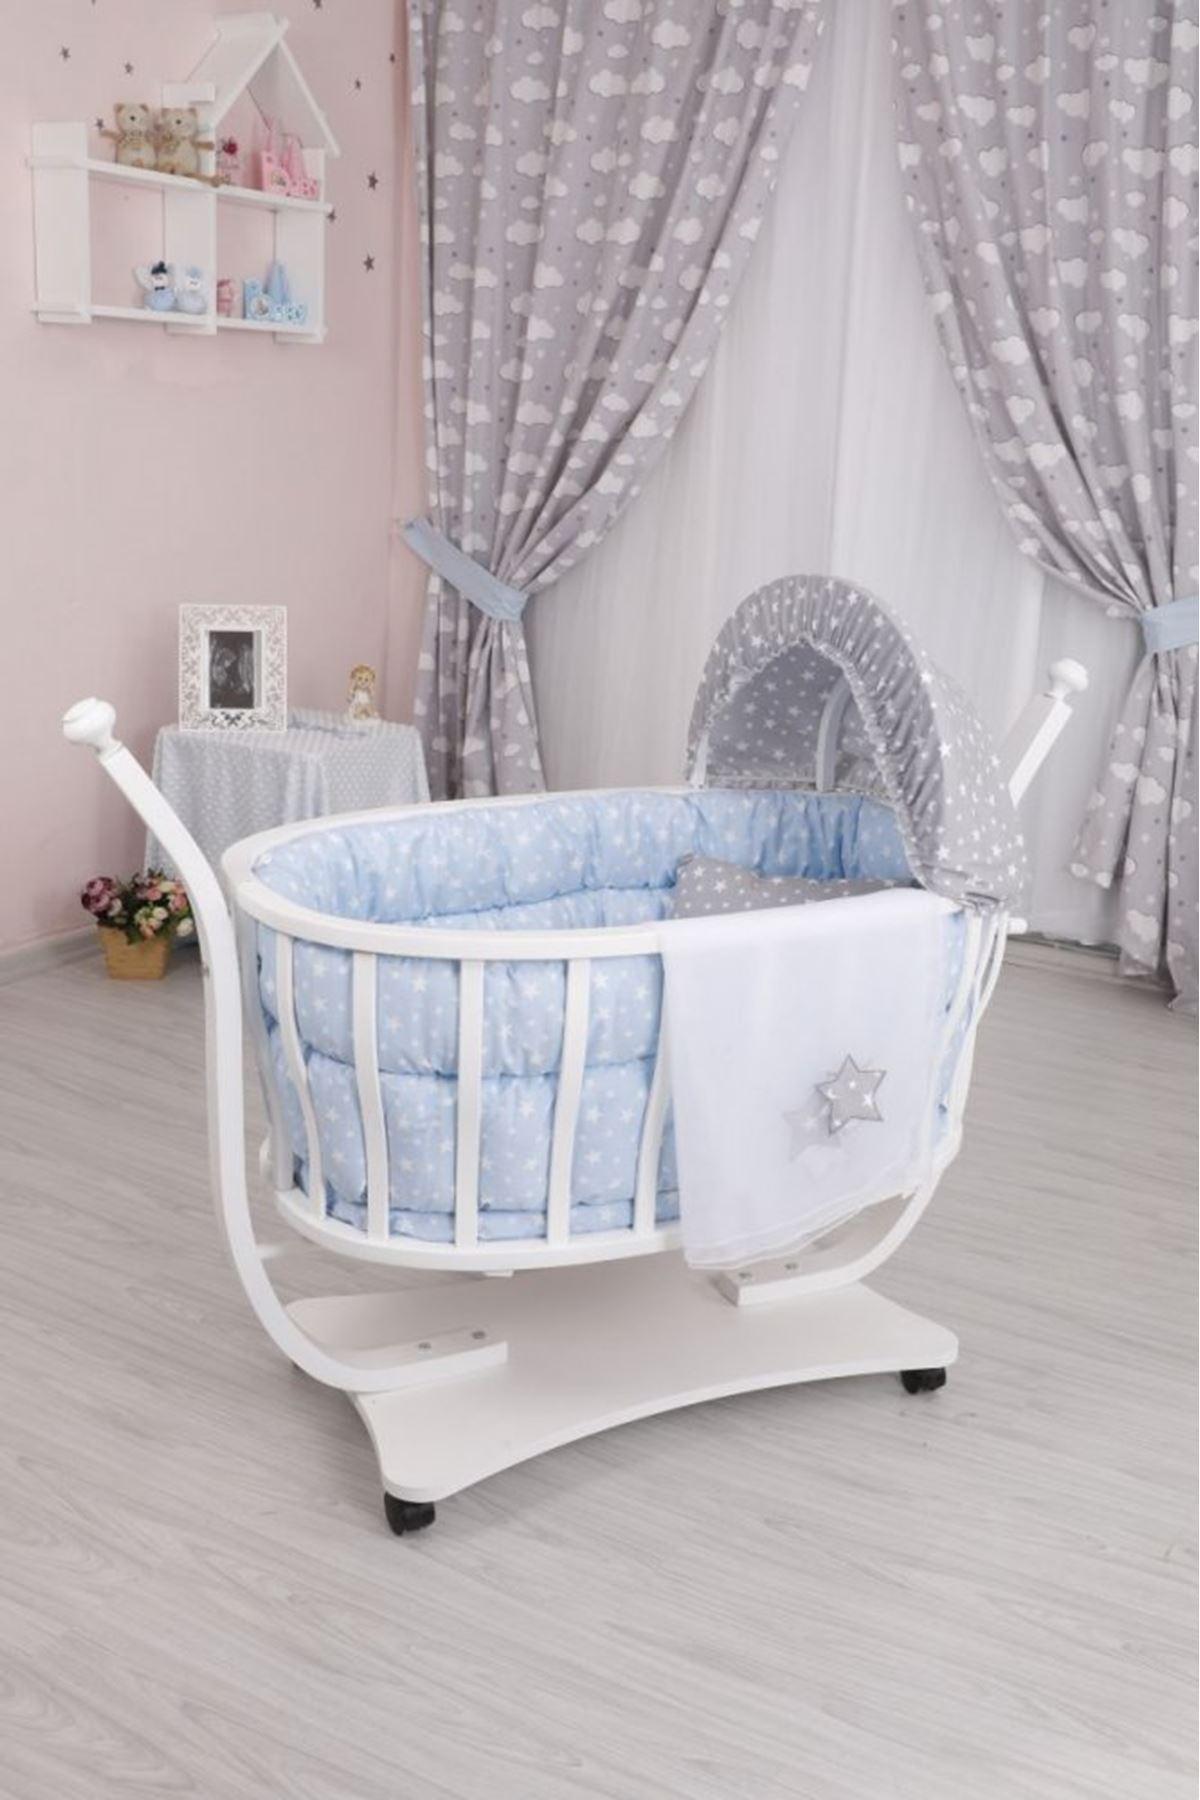 Mavi Yıldızlı Uyku Seti ile Beyaz Ahşap Mira Sepet Beşik